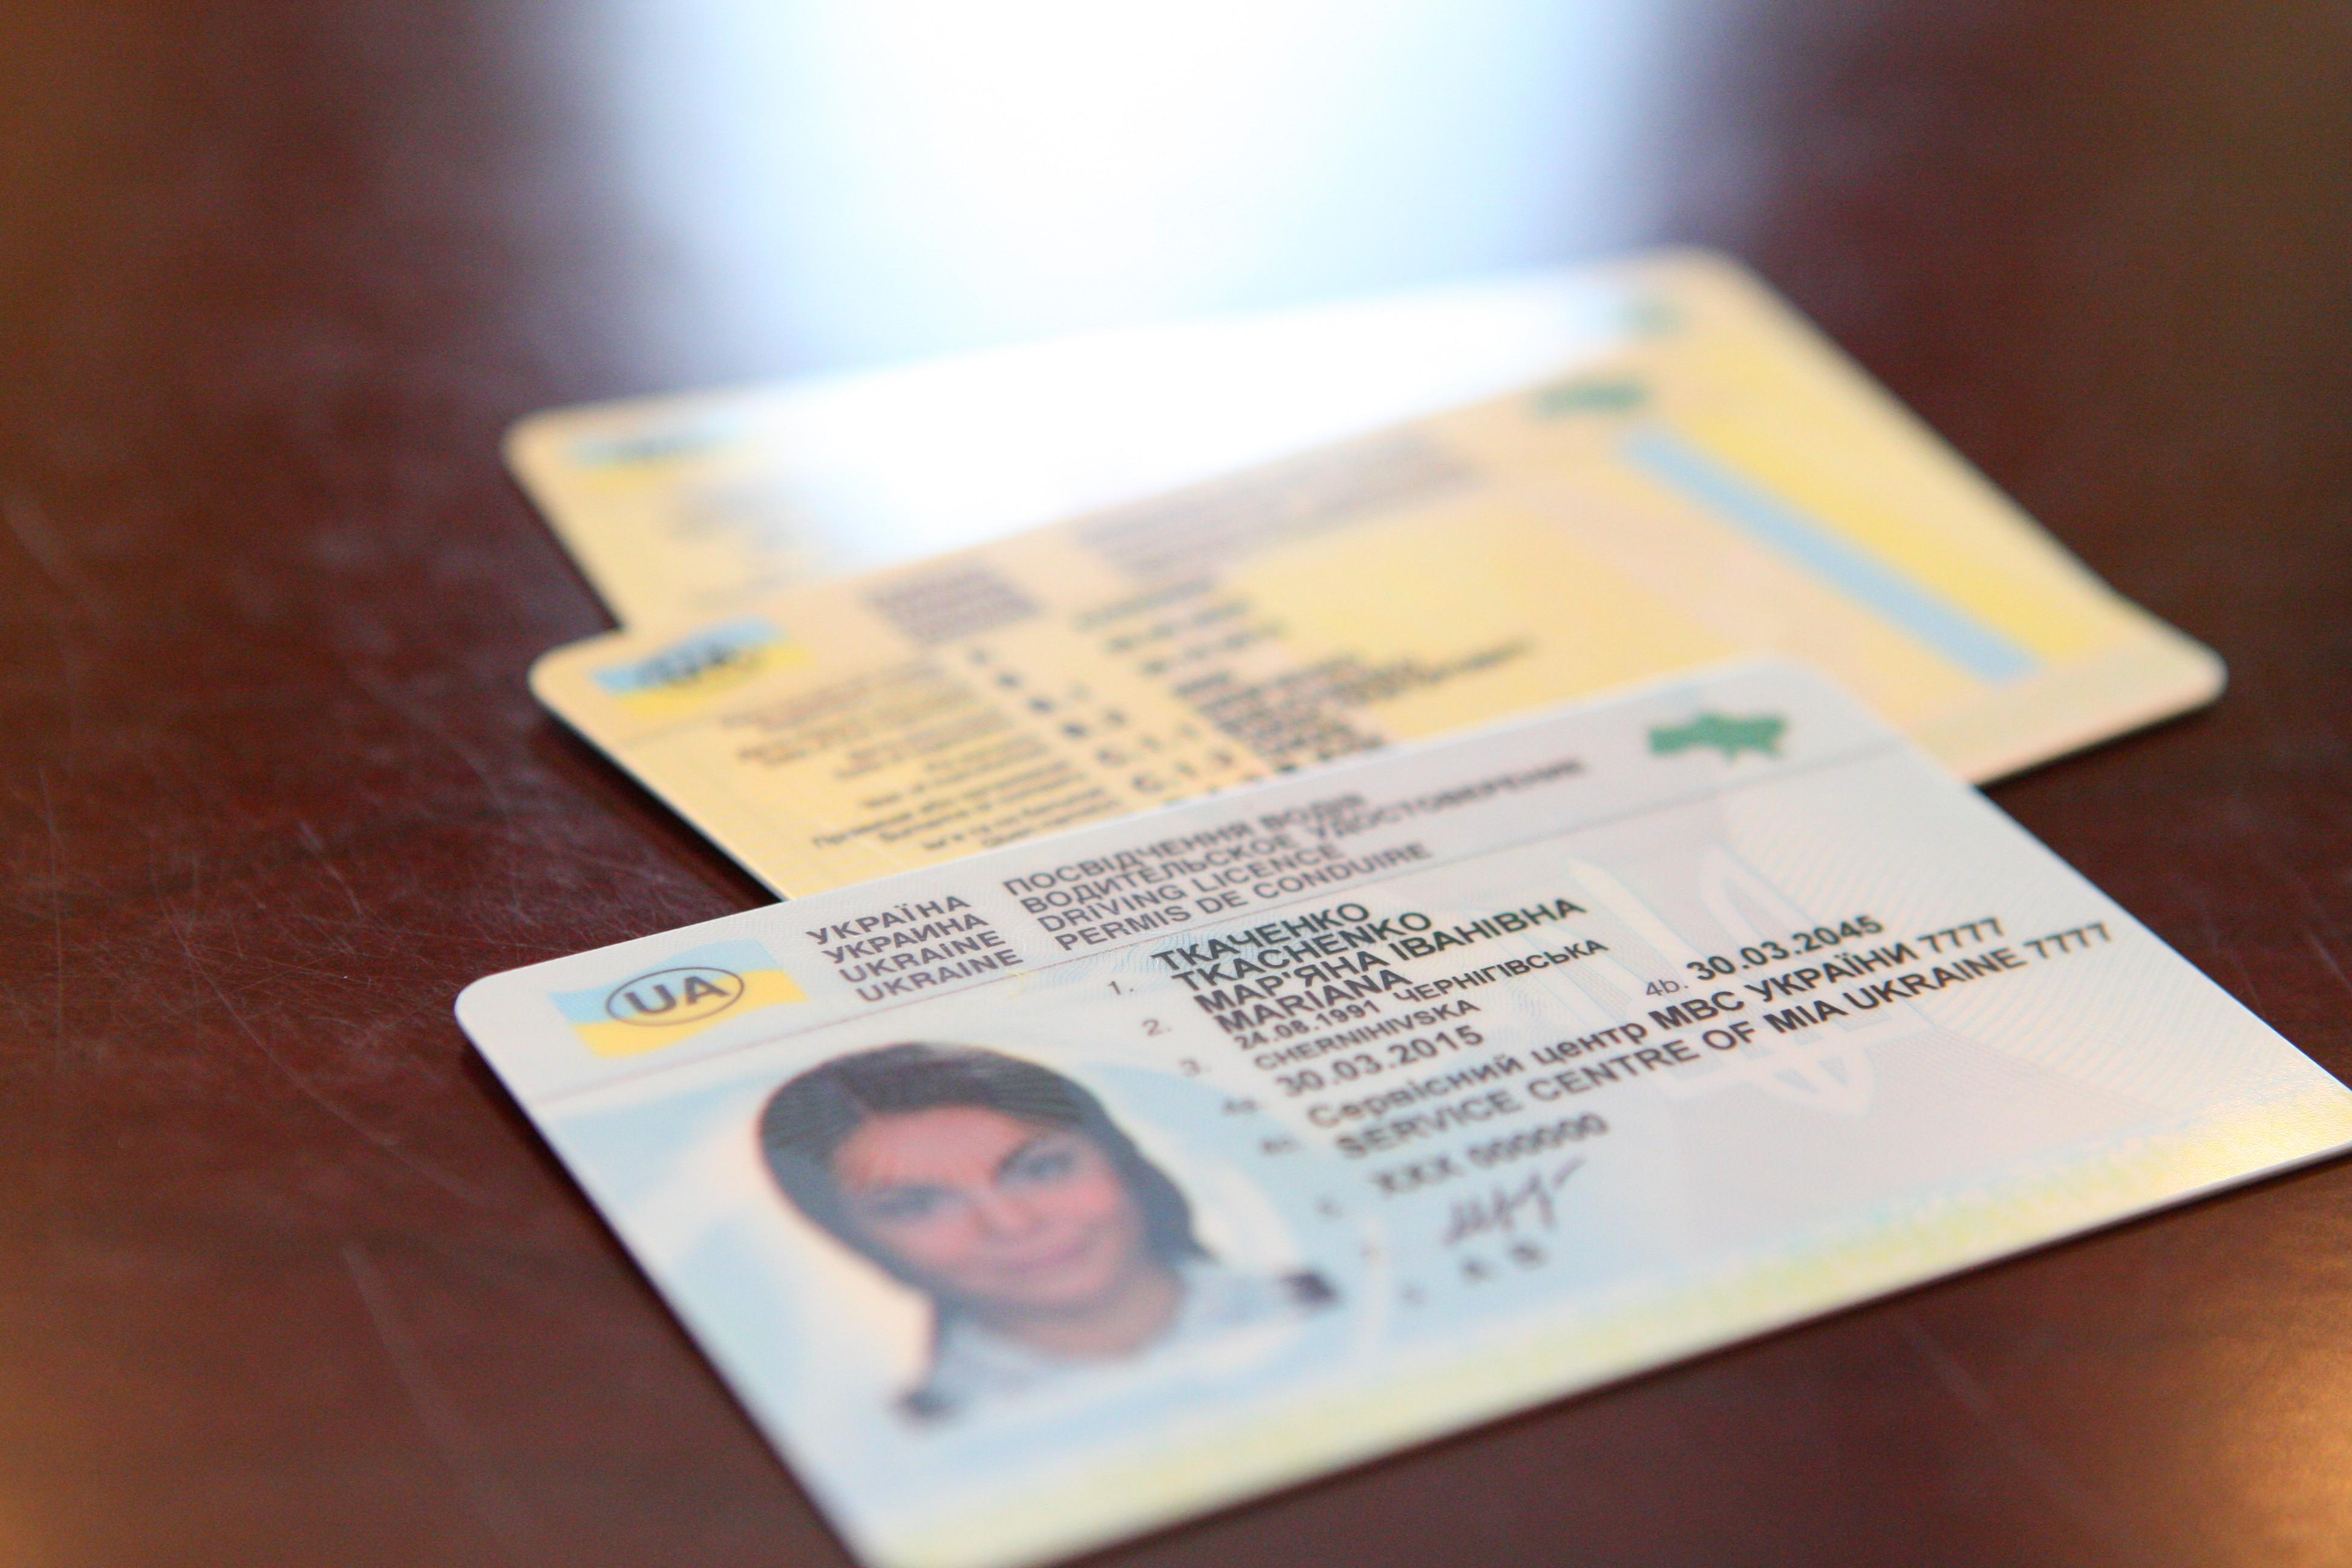 Новые категории водительских прав 2015 НОВОЕ ВОДИТЕЛЬСКОЕ УДОСТОВЕРЕНИЕ получение образец замена обмен фото